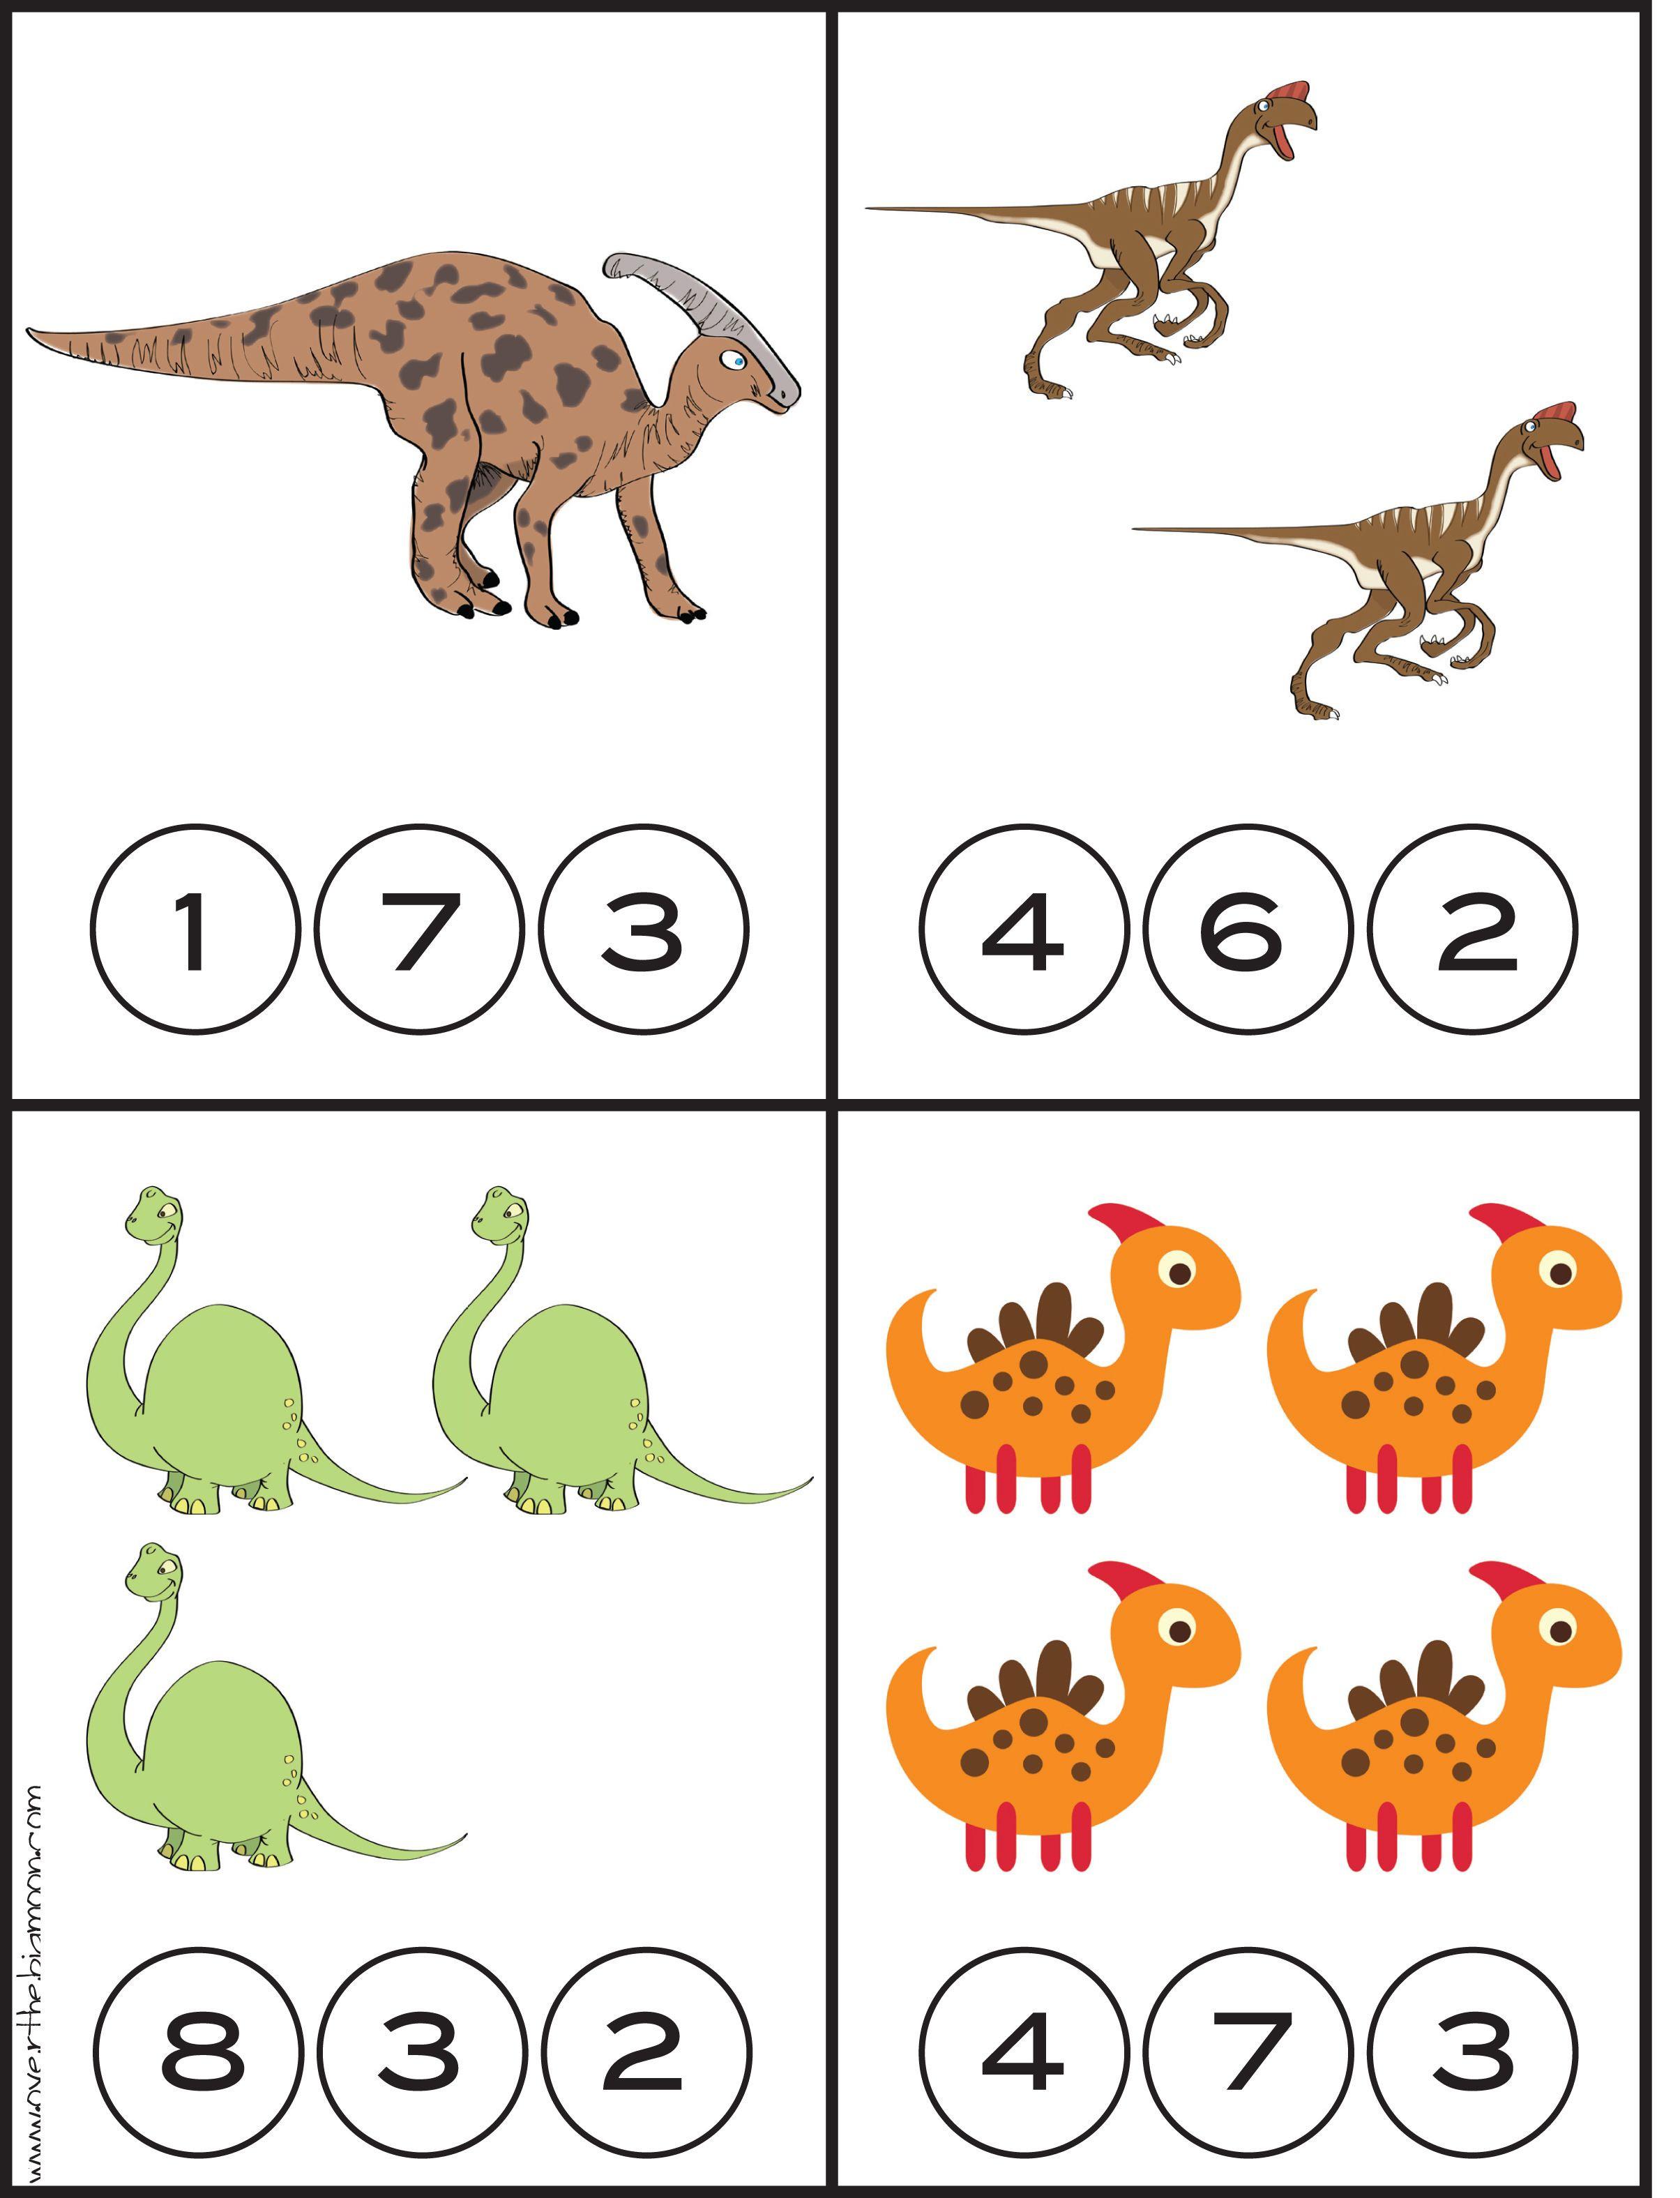 T Rex Malvorlage Genial Werkblad Rekenen Dino S Dinosaurios Pinterest Best Ausmalbilder T Galerie